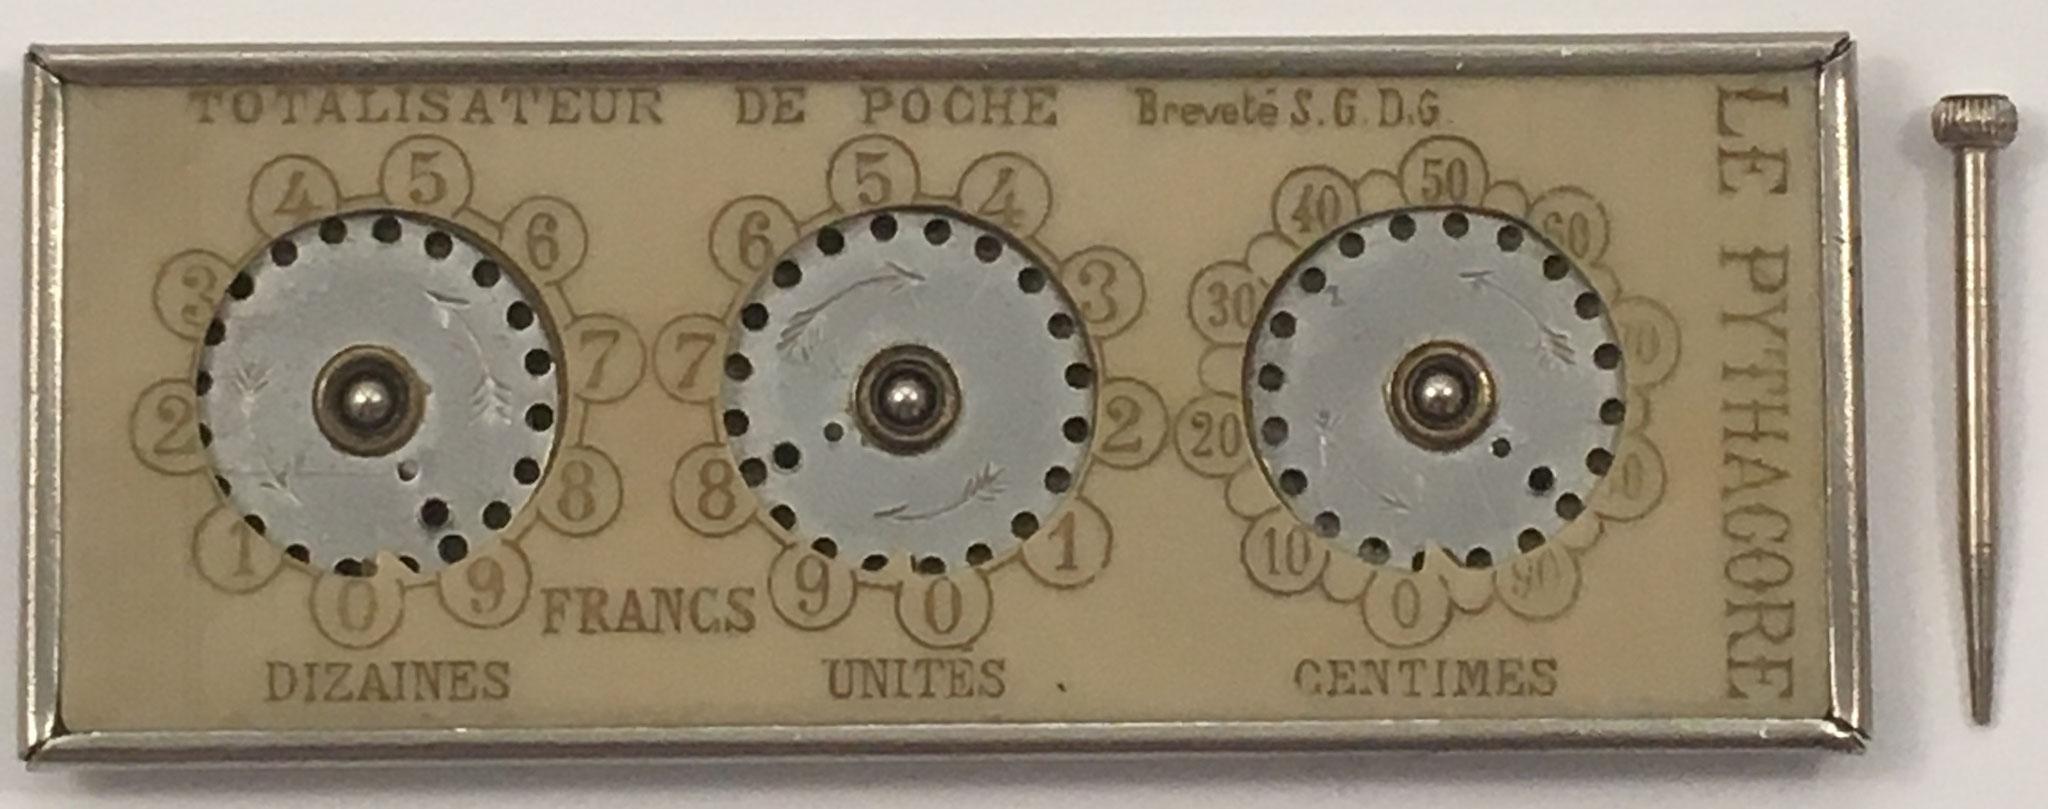 """Aparato de contabilidad THE PYTHAGORE, """"totalisateur de poche"""" con punzón,  Breveté S.G.D.G, fabricado en Francia, 10.5x4 cm"""